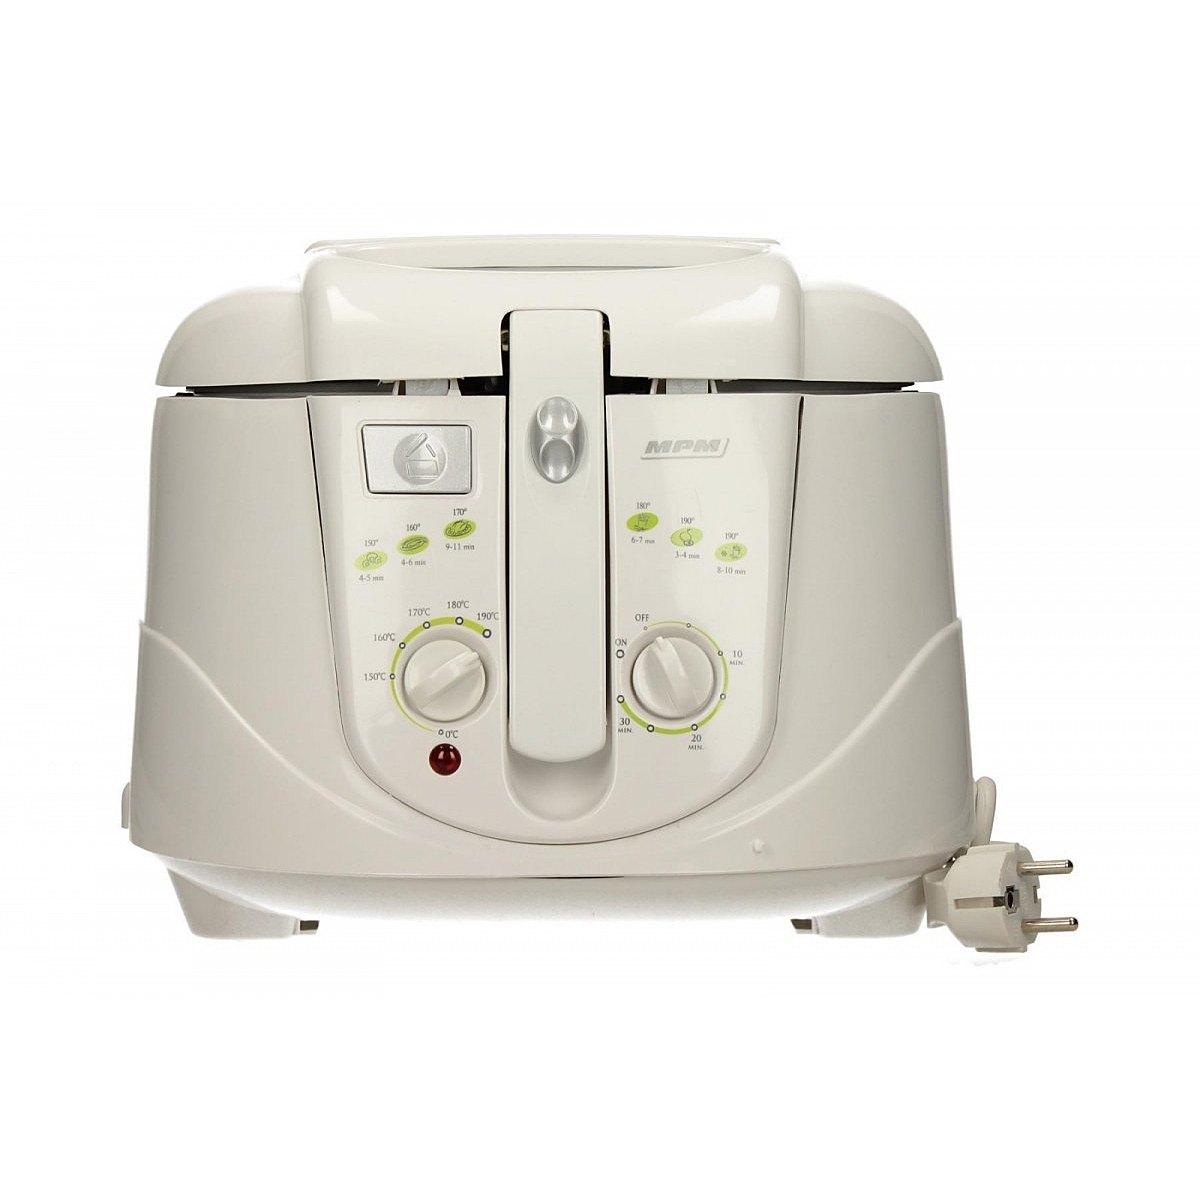 MPM MFR-03 Freidora eléctrica compacta 2,4 litros cubeta desmontable lavable antiadherente, temporizador y regulador hasta 190°C, 1800W